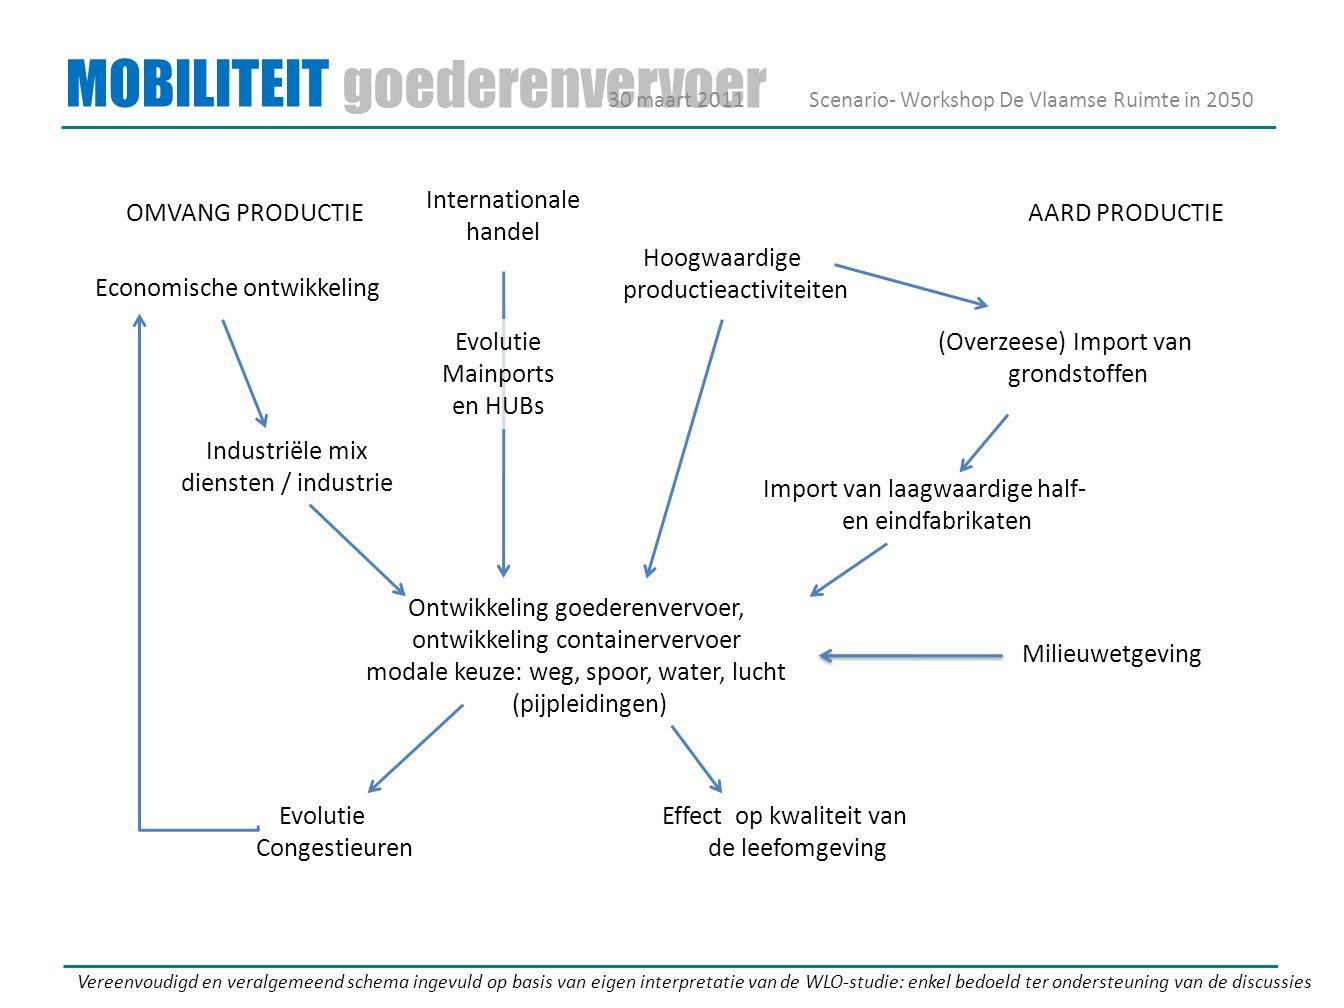 MOBILITEIT goederenvervoer Hoogwaardige productieactiviteiten Economische ontwikkeling Internationale handel Ontwikkeling goederenvervoer, ontwikkeling containervervoer modale keuze: weg, spoor, water, lucht (pijpleidingen) (Overzeese) Import van grondstoffen Import van laagwaardige half- en eindfabrikaten Industriële mix diensten / industrie Vereenvoudigd en veralgemeend schema ingevuld op basis van eigen interpretatie van de WLO-studie: enkel bedoeld ter ondersteuning van de discussies 30 maart 2011Scenario- Workshop De Vlaamse Ruimte in 2050 Evolutie Mainports en HUBs Evolutie Congestieuren Effect op kwaliteit van de leefomgeving OMVANG PRODUCTIEAARD PRODUCTIE Milieuwetgeving